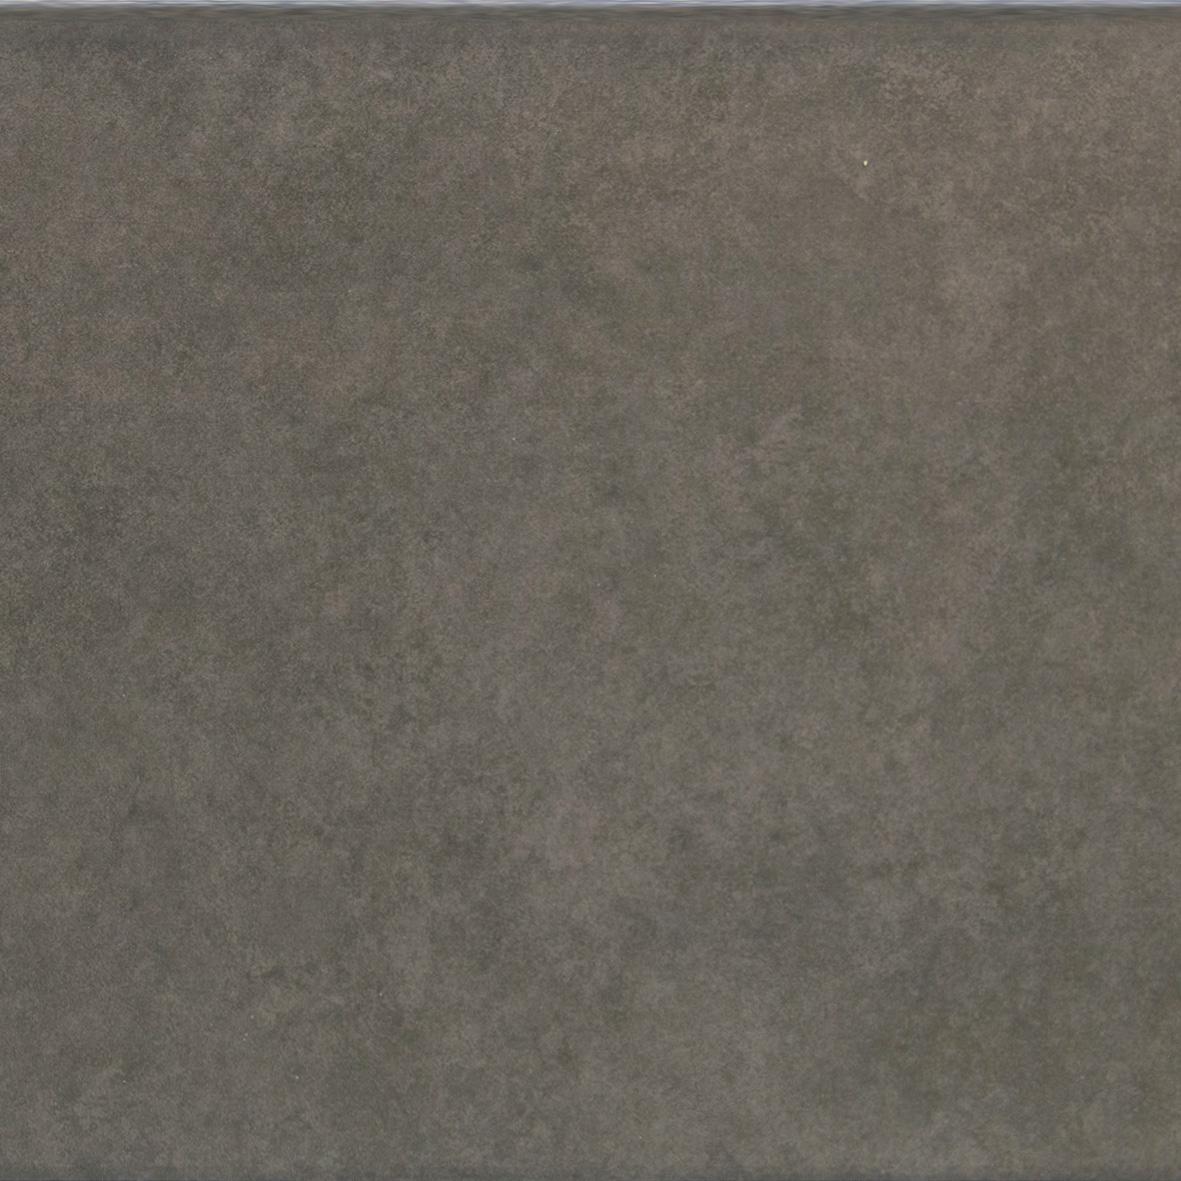 8633-06, Geo, Ruskea, lattia,liukastumisenesto,pakkasenkesto